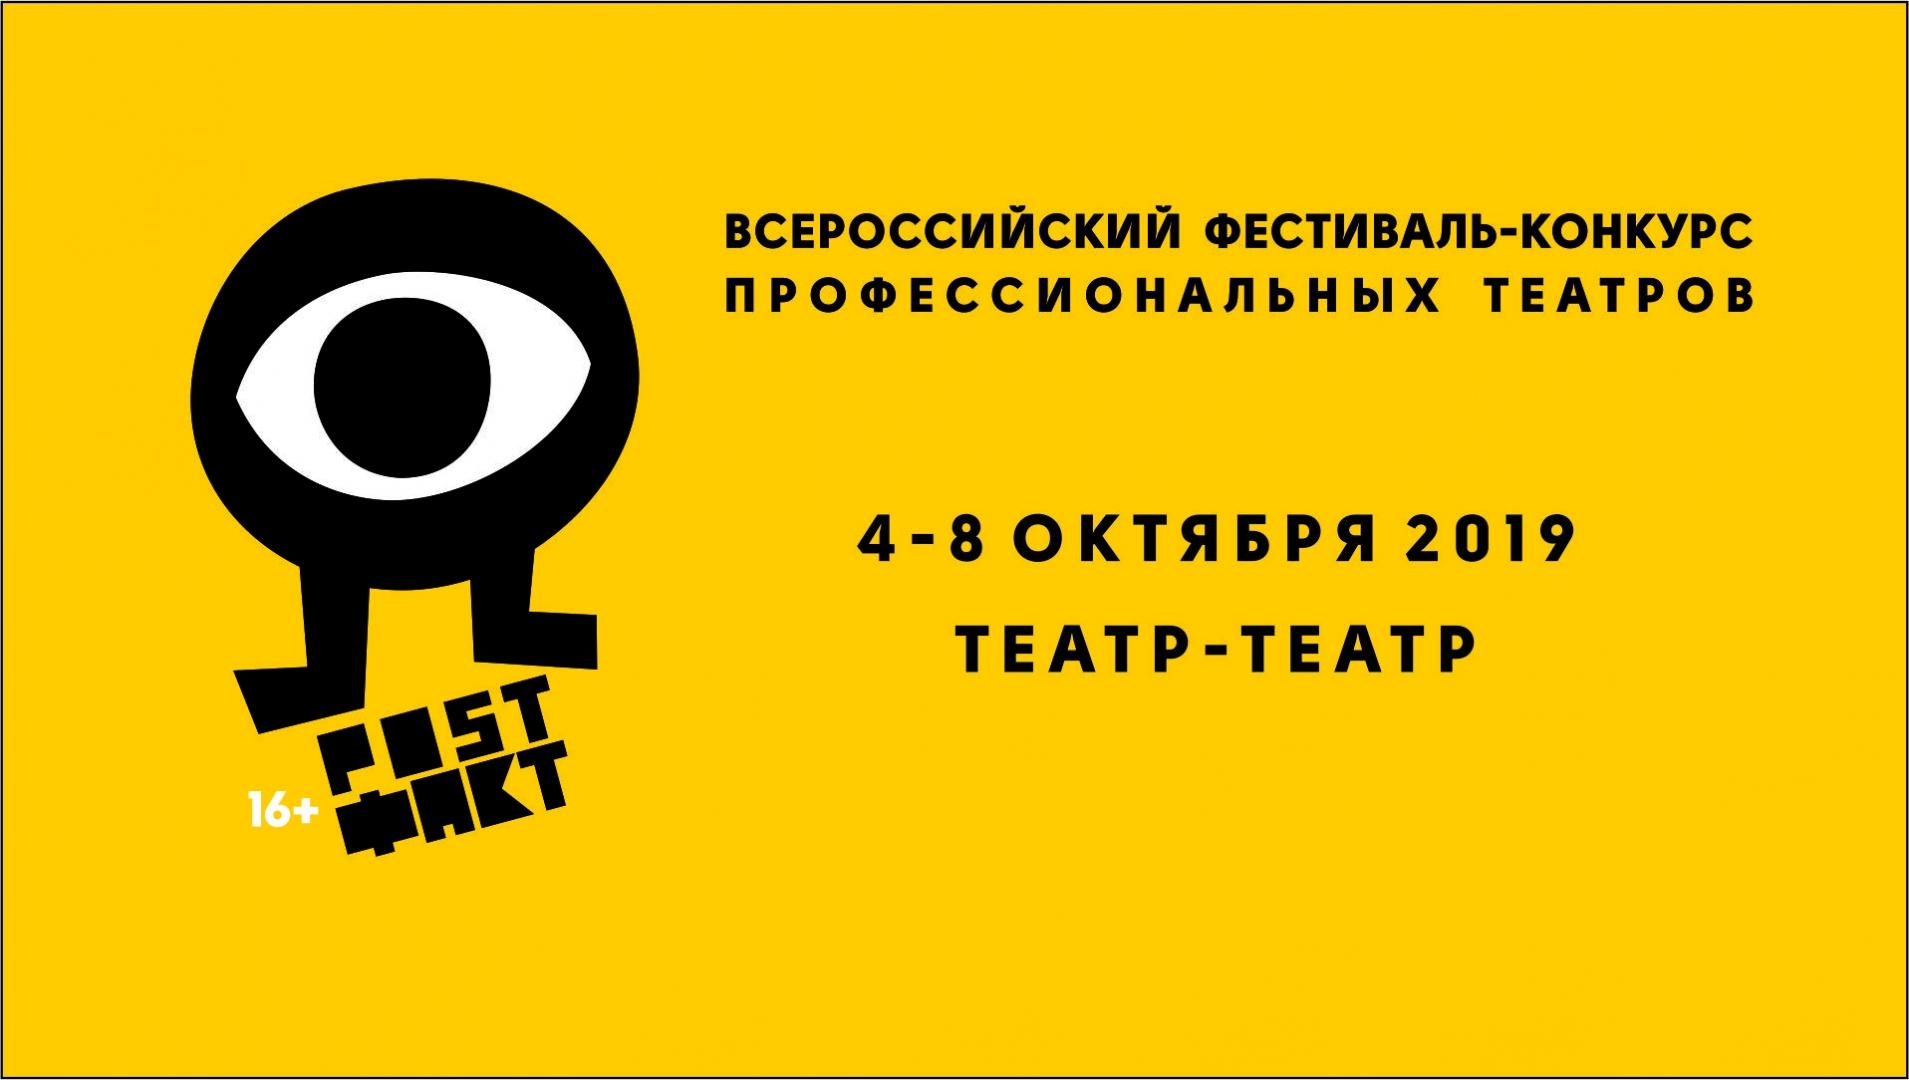 В Перми открывается «POST ФАКТ»